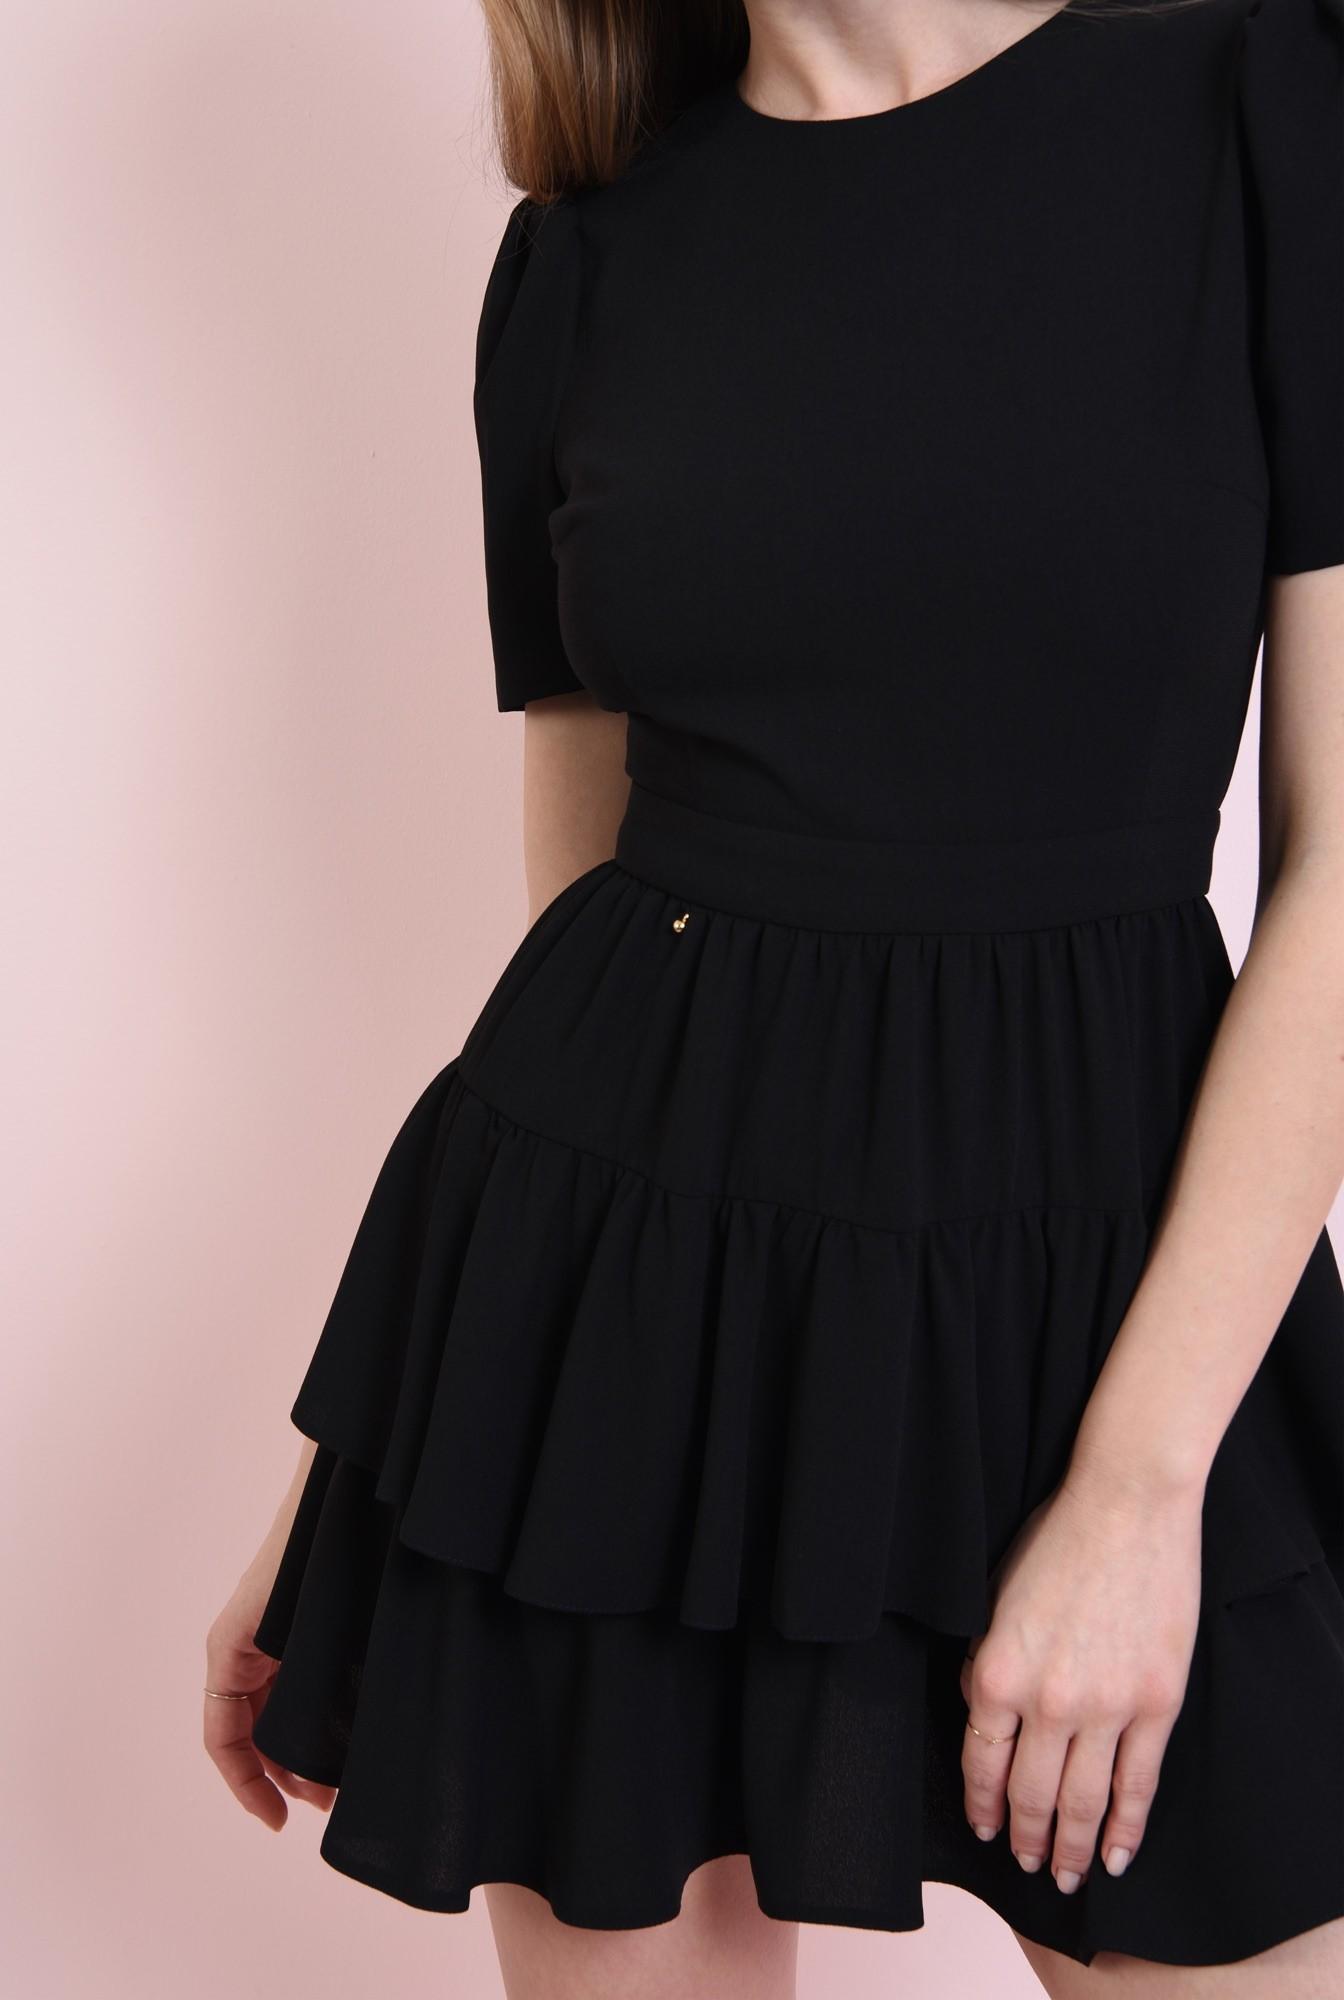 2 - rochie neagra, cu umeri voluminosi